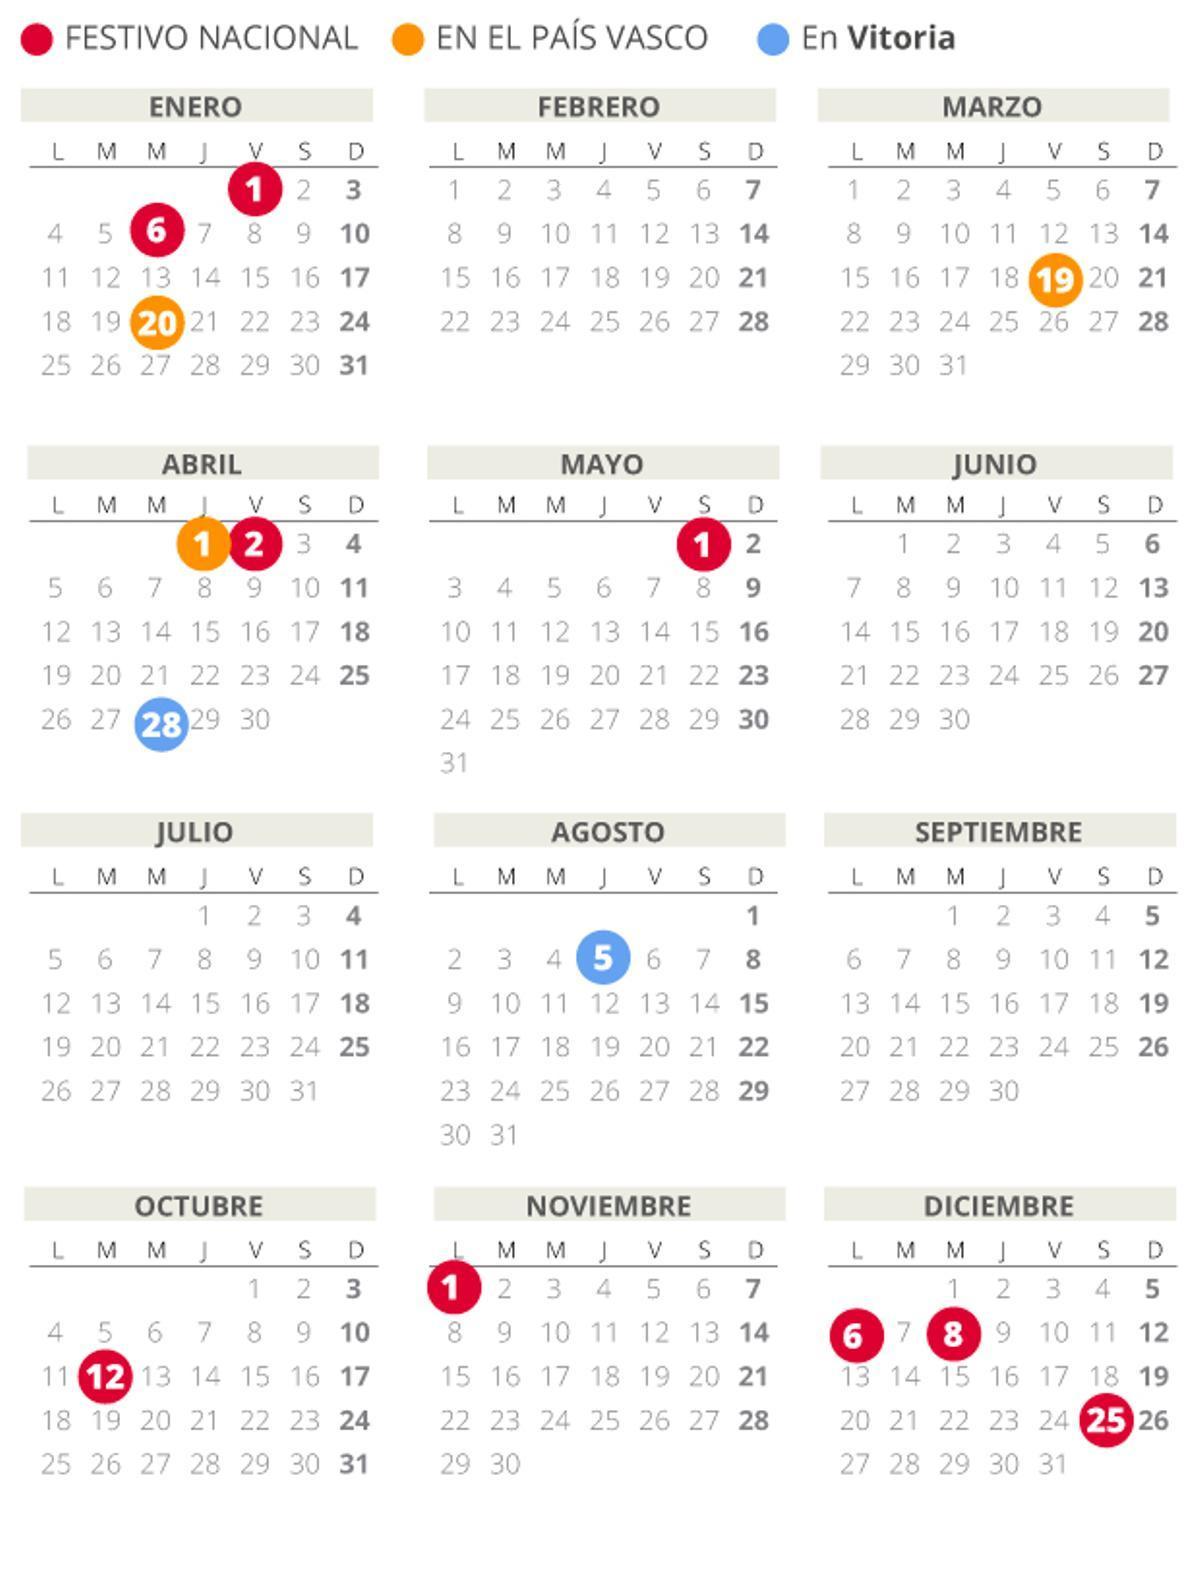 Calendario laboral de Vitoria del 2021.